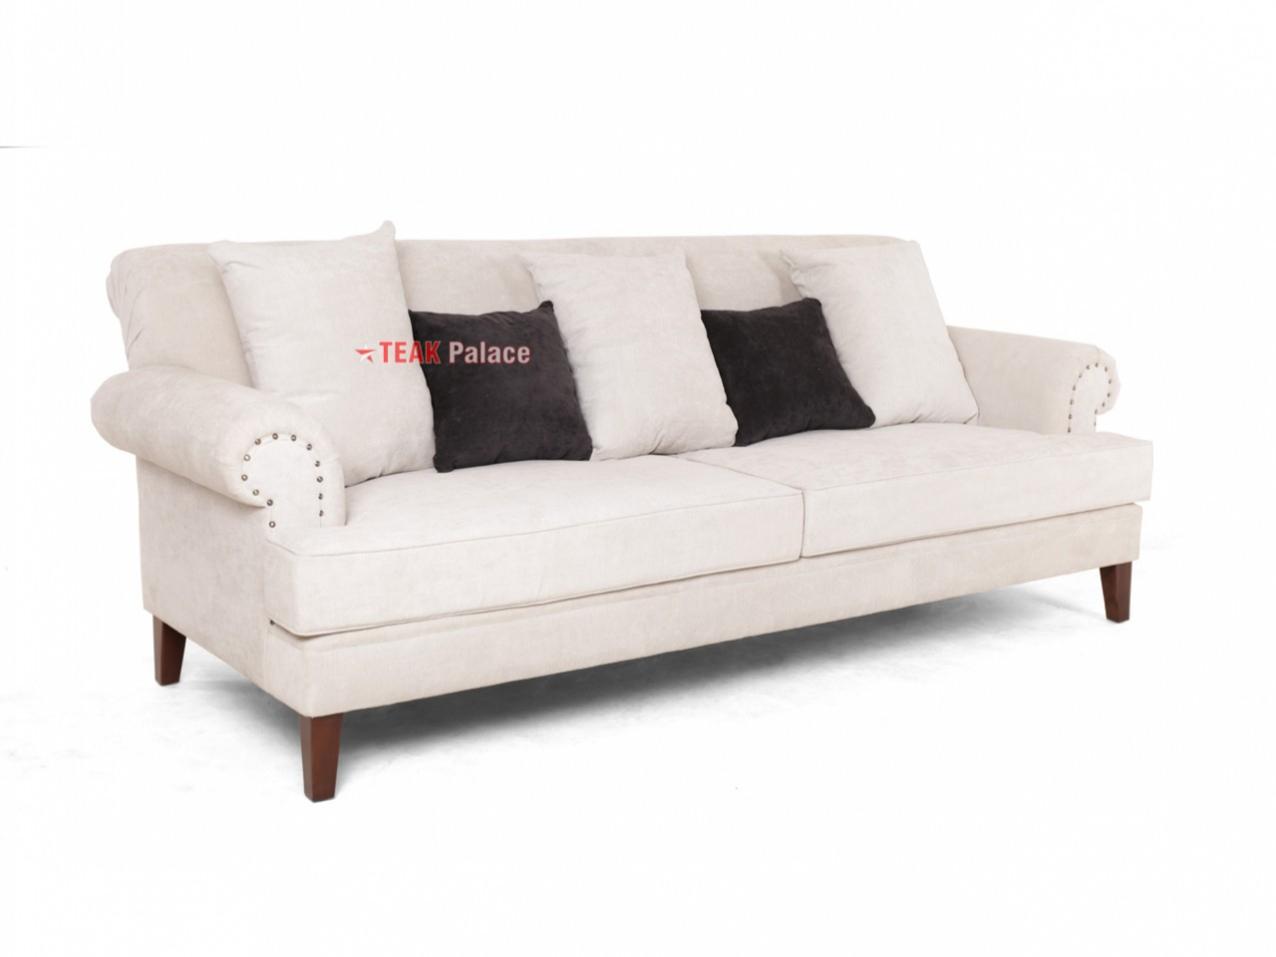 Sofa Minimalis Terbaru 2019 2020 Dan Harganya Teak Palace